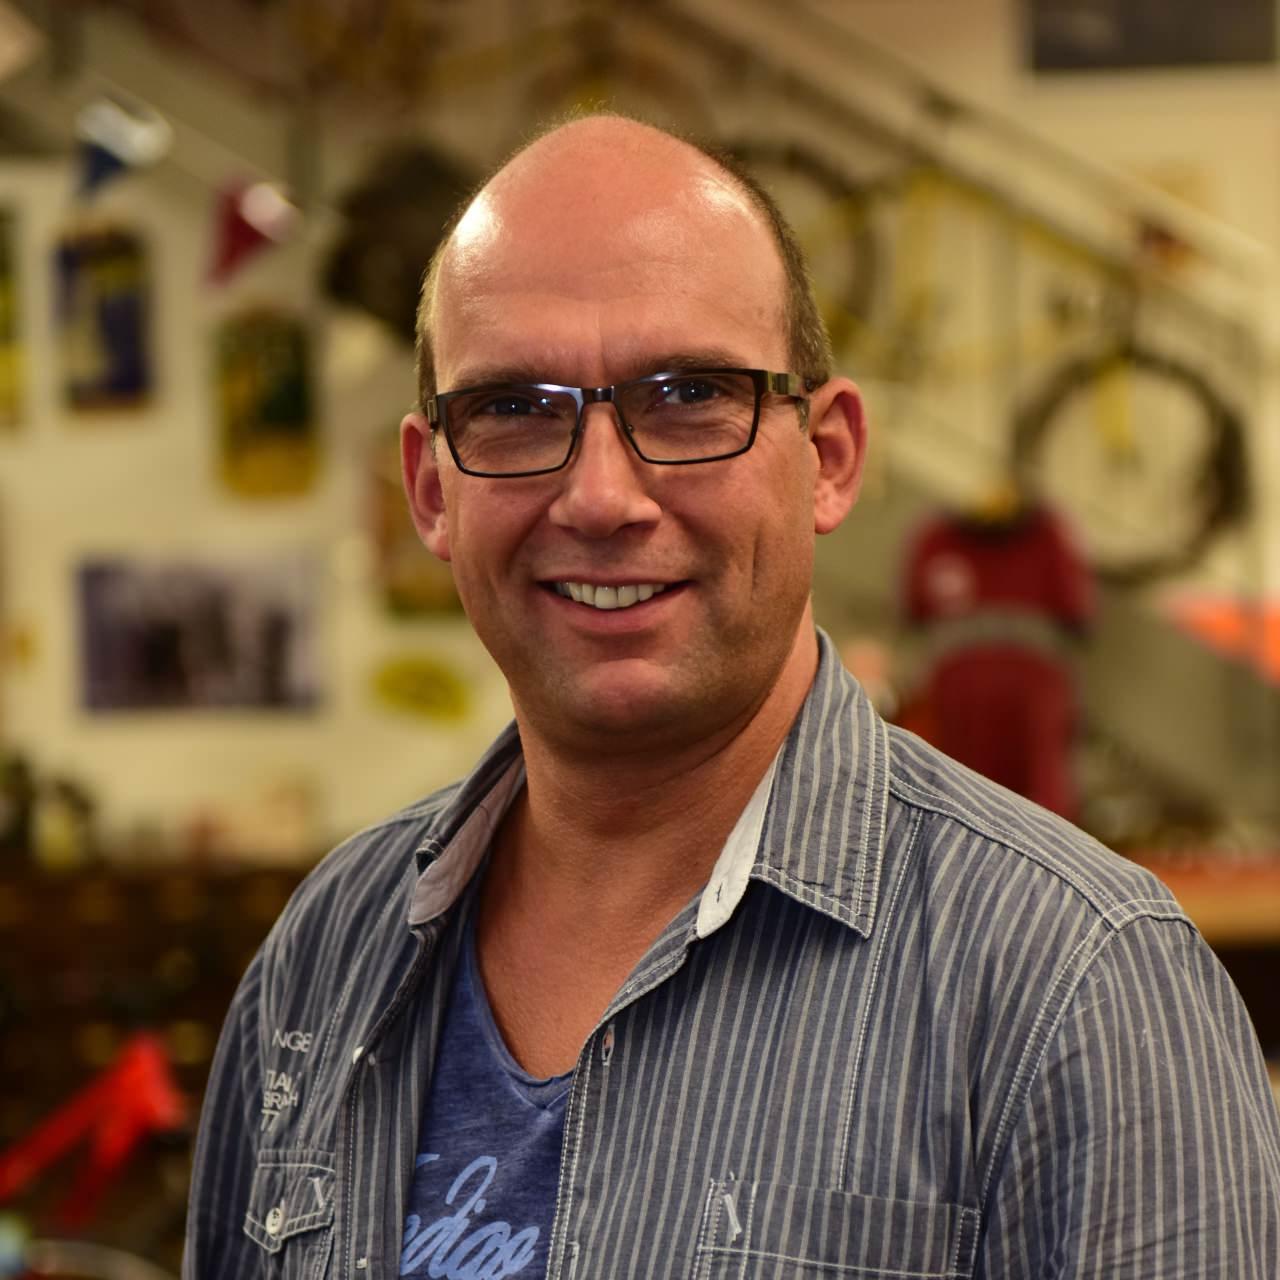 Guido Bliesener